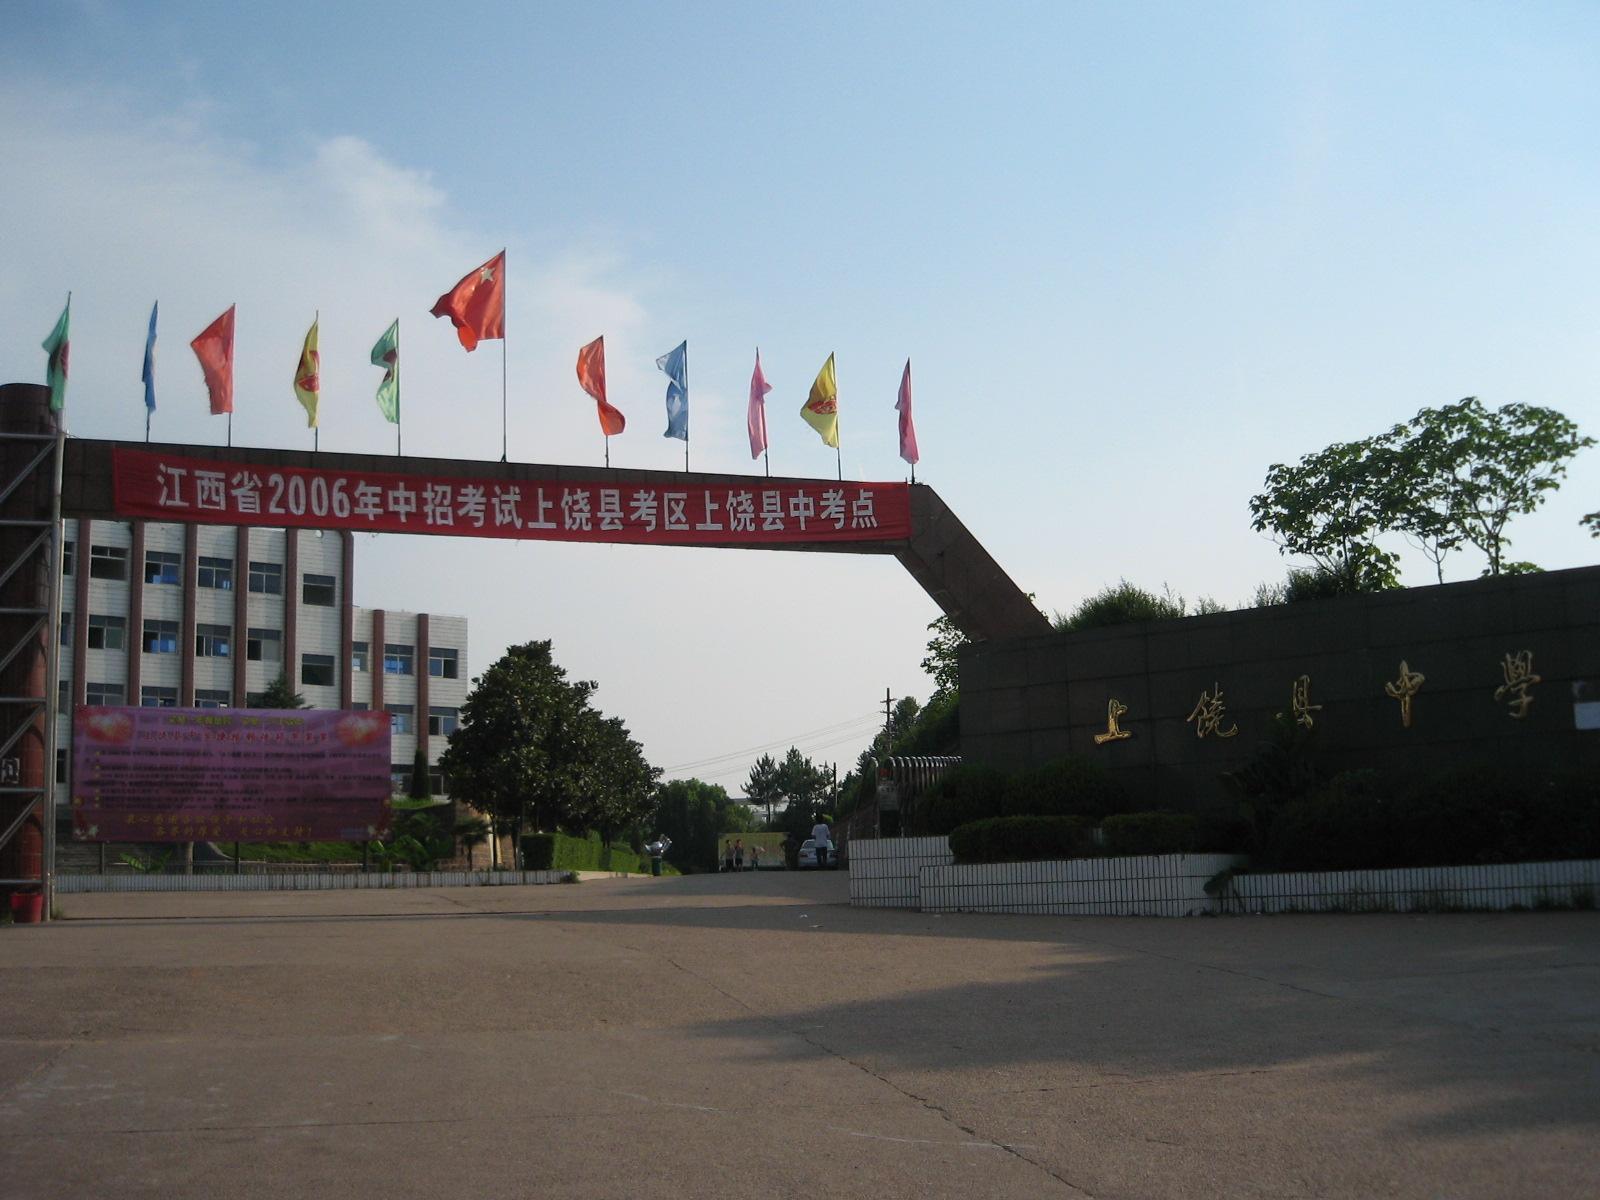 上饶中学官网_上饶县; 上饶县共 6张; 上饶县中学是江西省重点中学,于1902年创建于